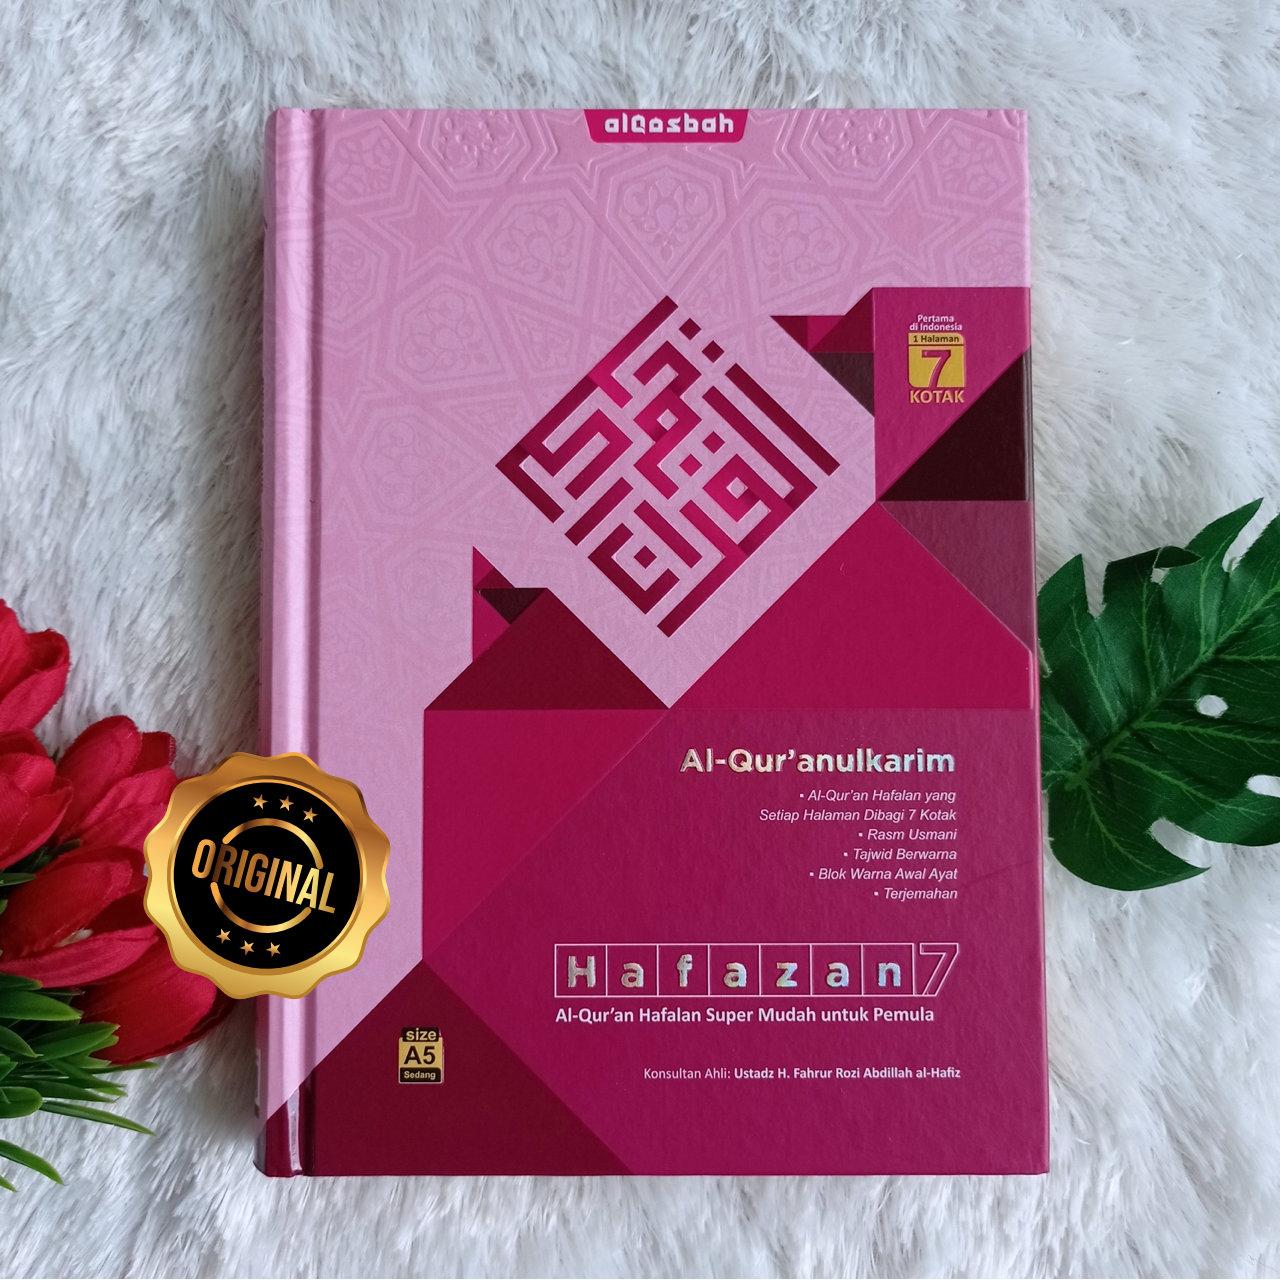 Al-Qur'an Hafalan Super Mudah Untuk Pemula Hafazan 7 Ukuran A5 Edisi Muslimah